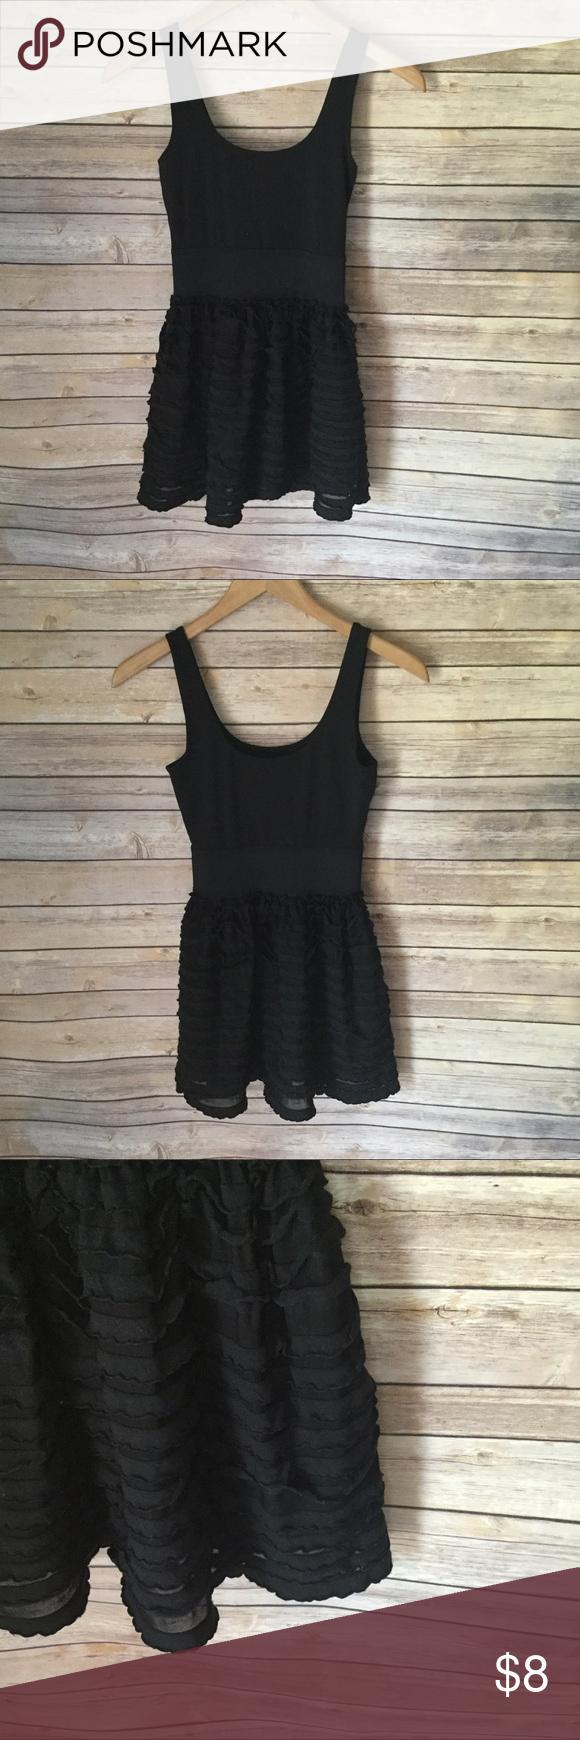 Miley cyrus black ruffle dress black ruffle ruffle dress and